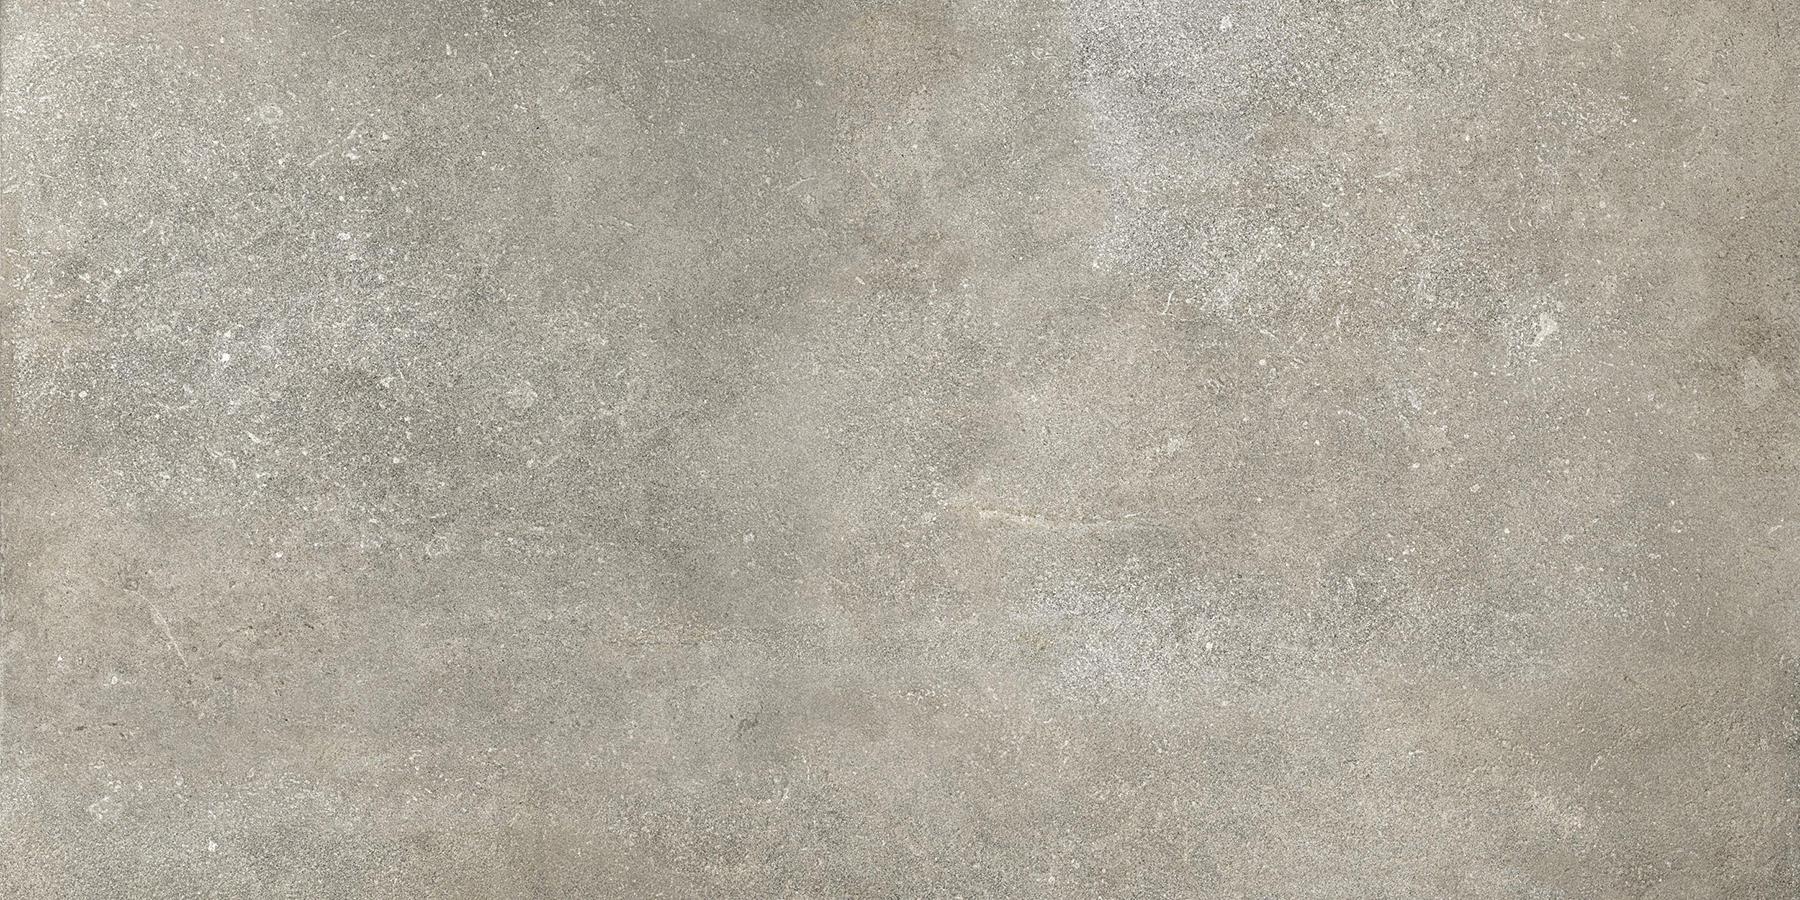 Cinque Tessin scav09r Terrassenplatte Tortora 60x120 matt rett.